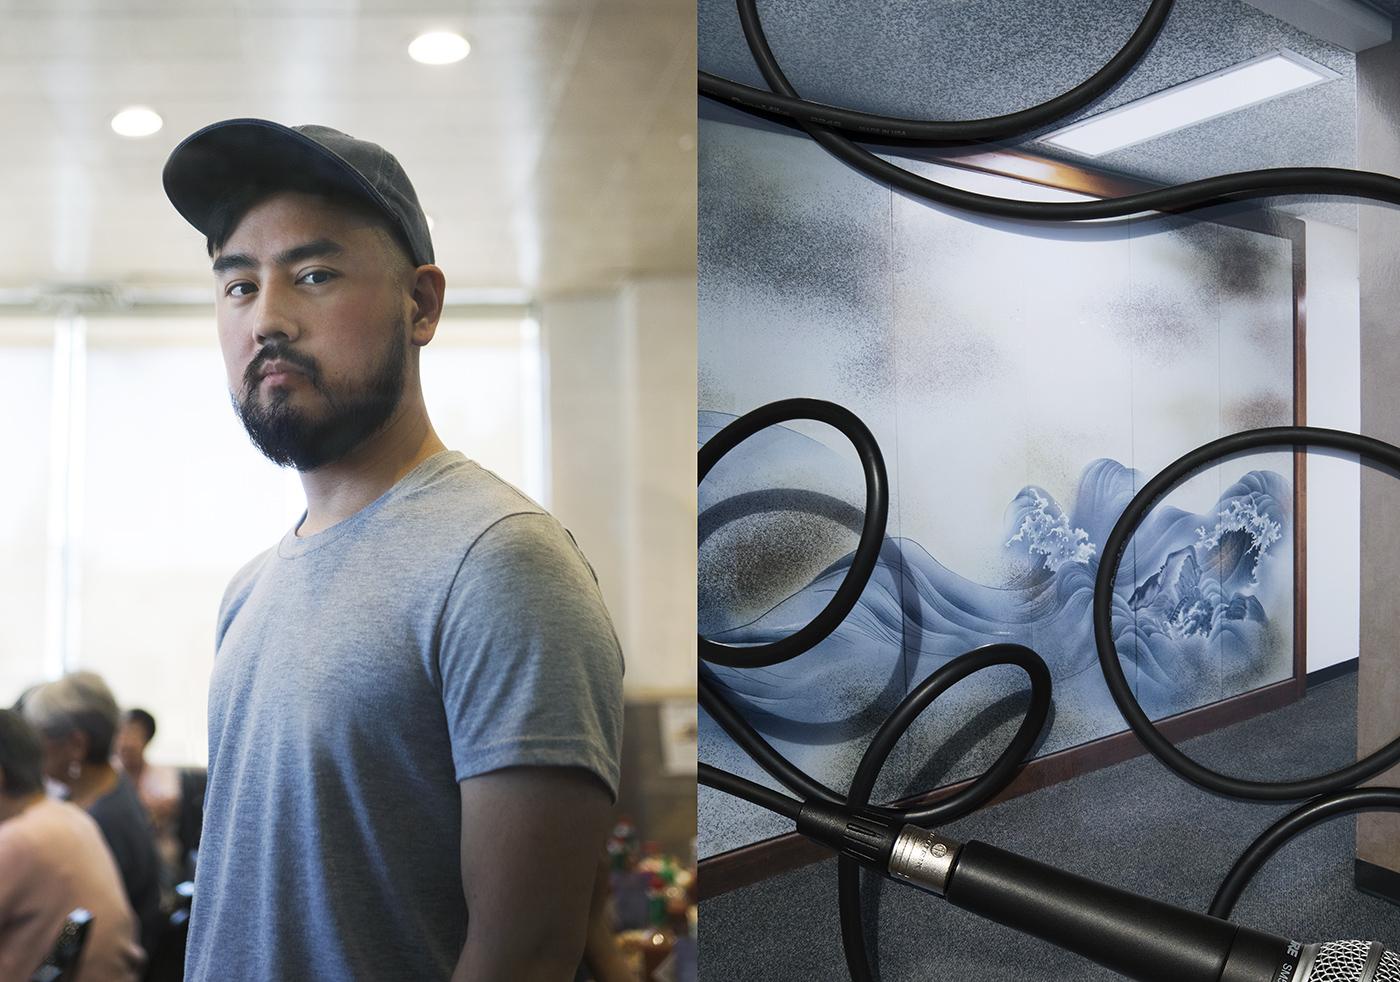 Sean Miura | Photographed by Zen Sekizawa